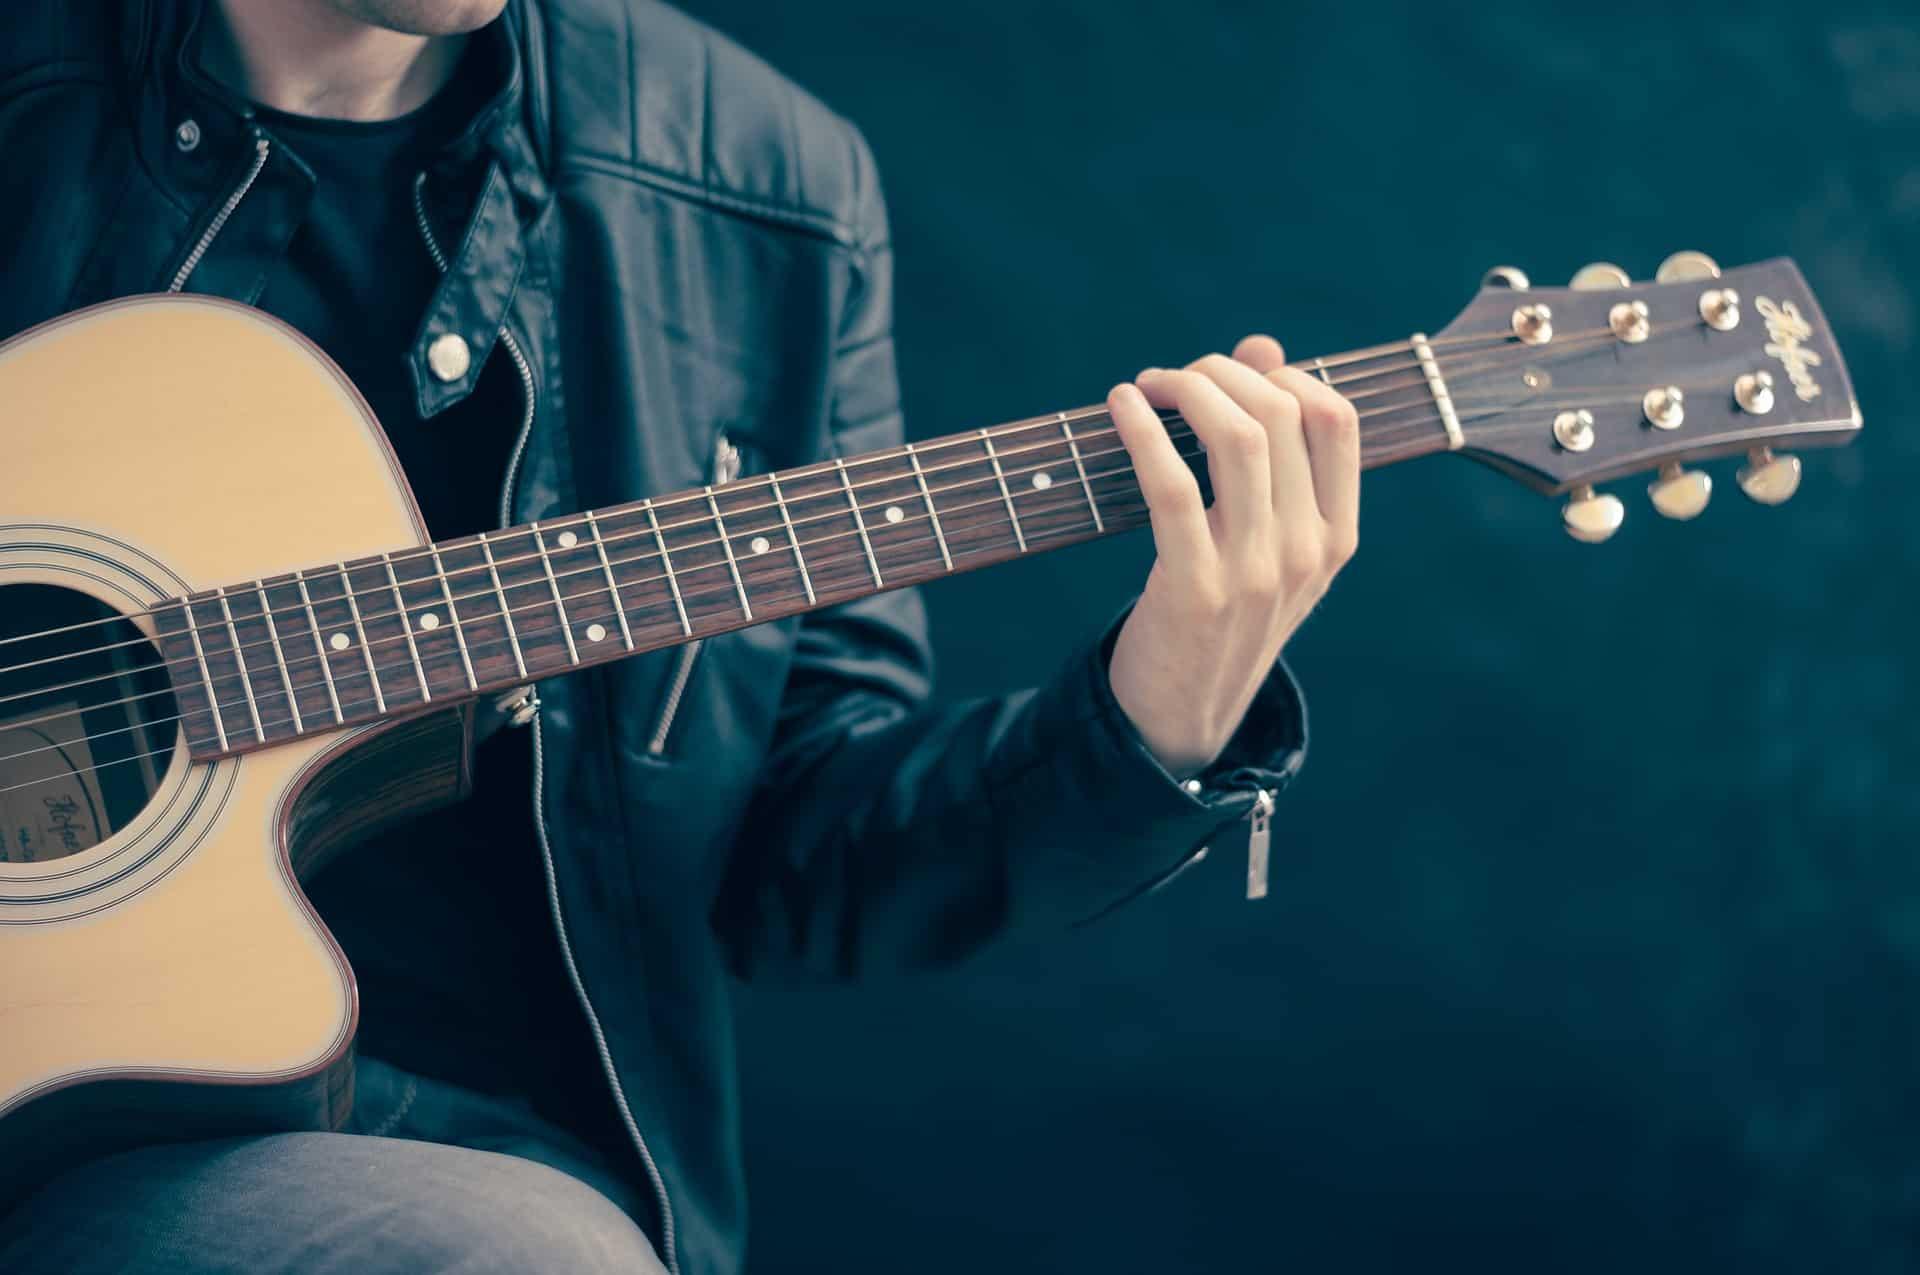 hoelang duurt gitaar leren spelen